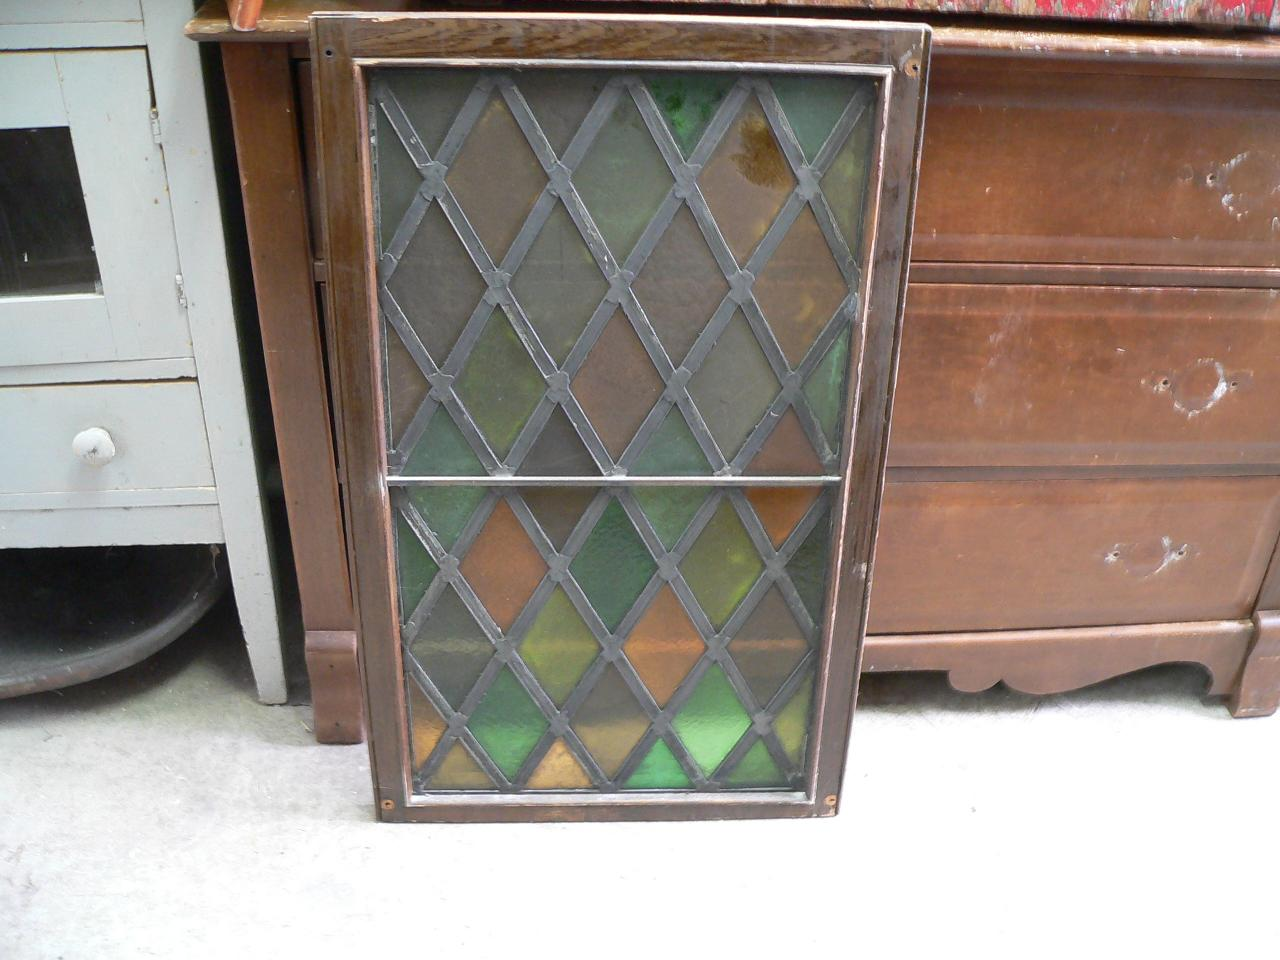 vitraux antique d'église # 4948.64